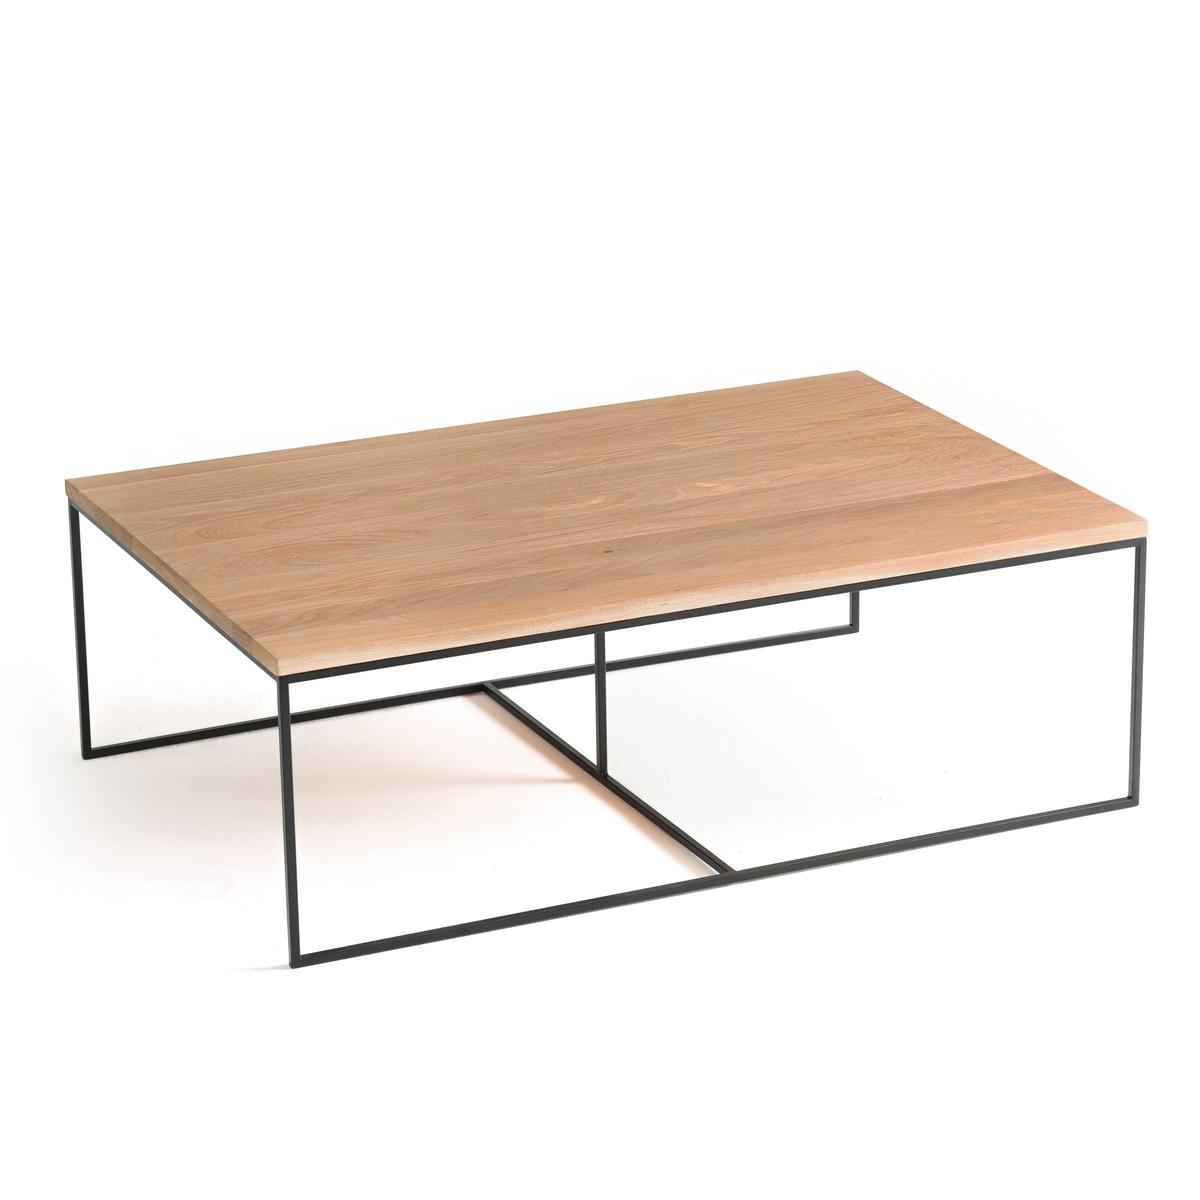 Стол LaRedoute Журнальный из дуба Auralda большой размер единый размер каштановый столик laredoute журнальный из дуба покрытого олифой adelita единый размер каштановый